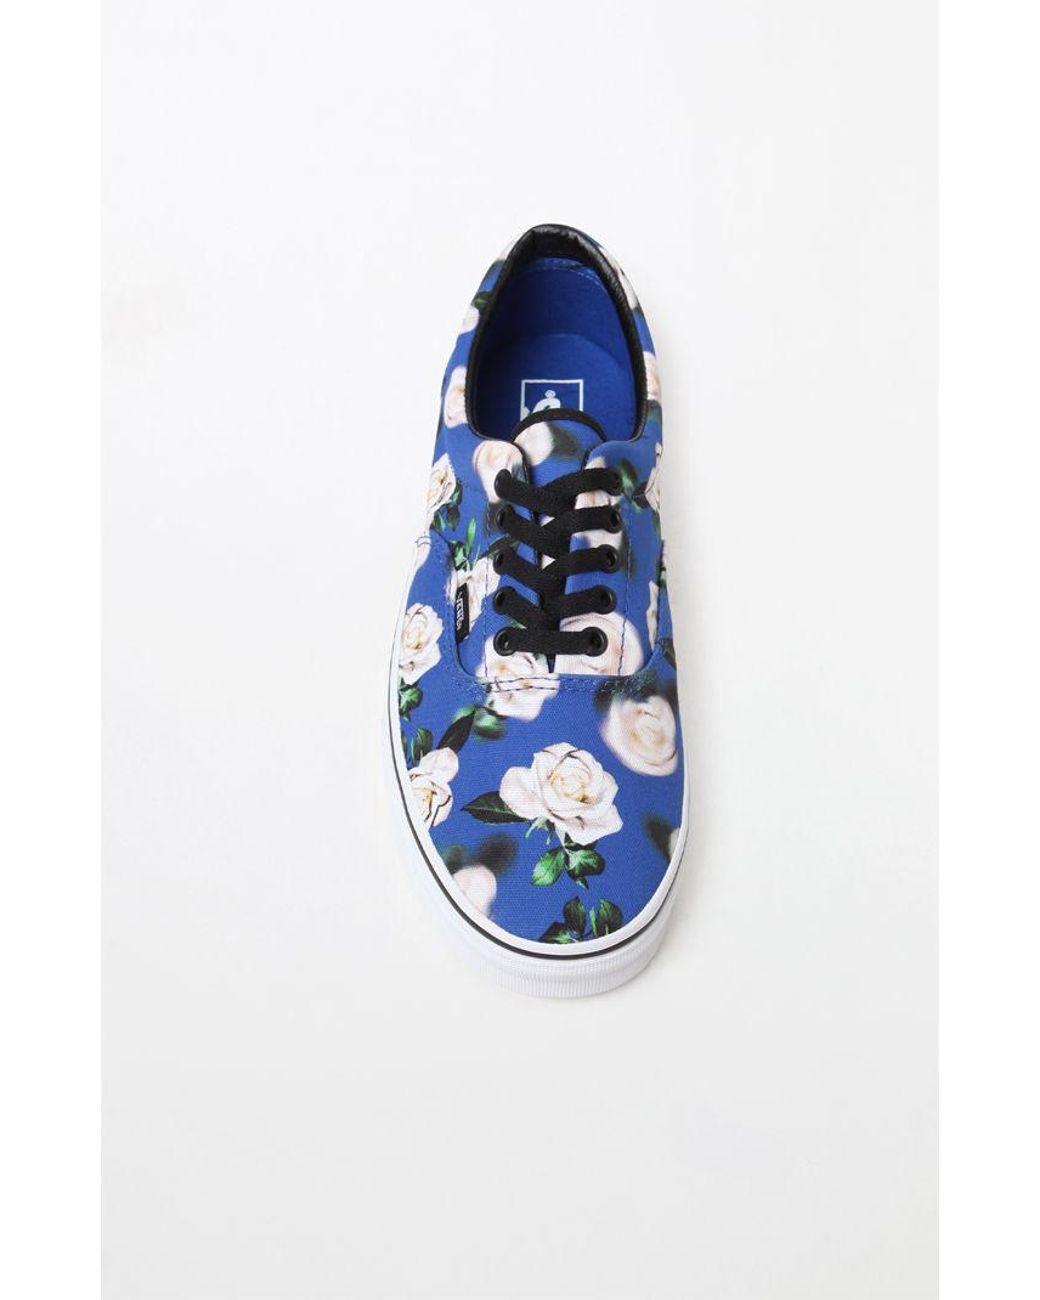 8d50c7f3ec Lyst - Vans Romantic Floral Era Shoes in Blue for Men